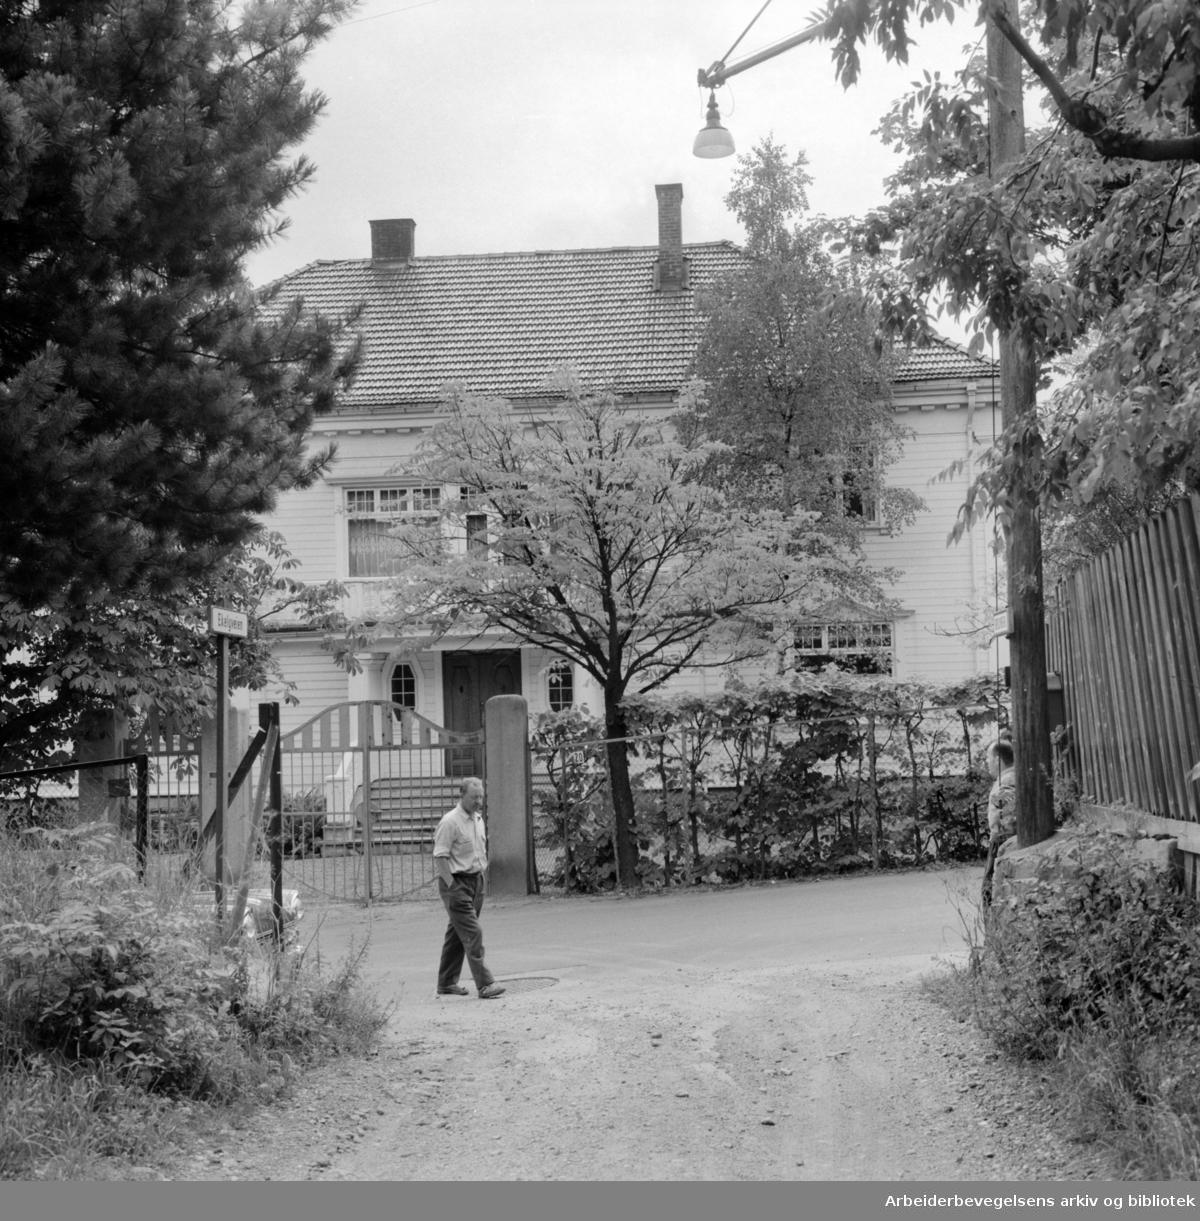 Holmenveien 20. Bolig for Khrusjtsjov under Norgesbesøket. Juli 1959